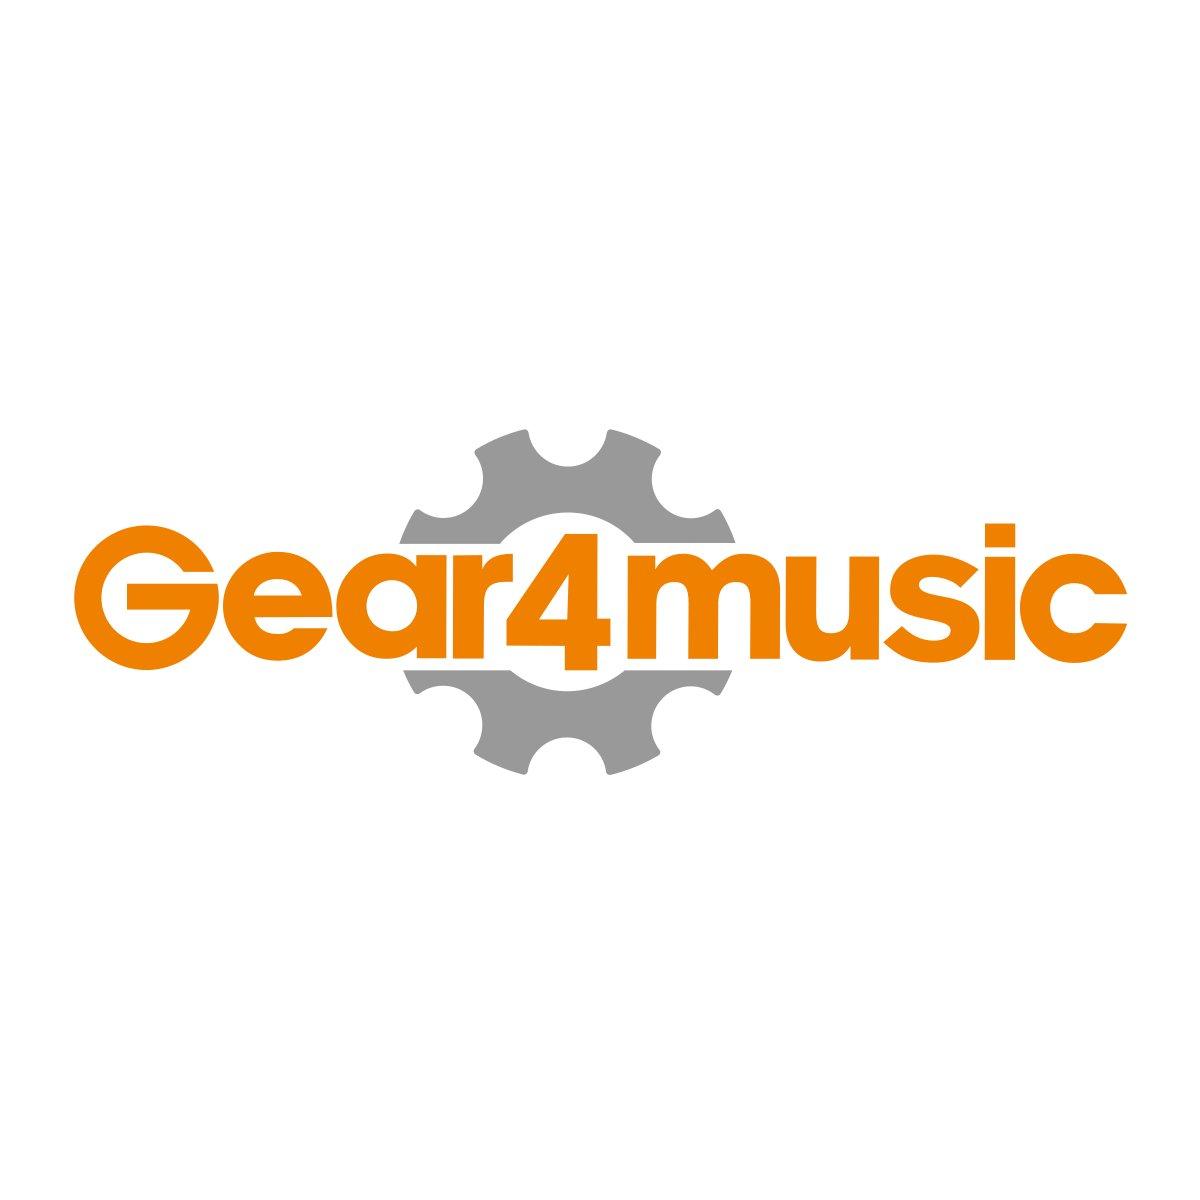 Funda para 4 Soportes de Micrófono de Gear4music